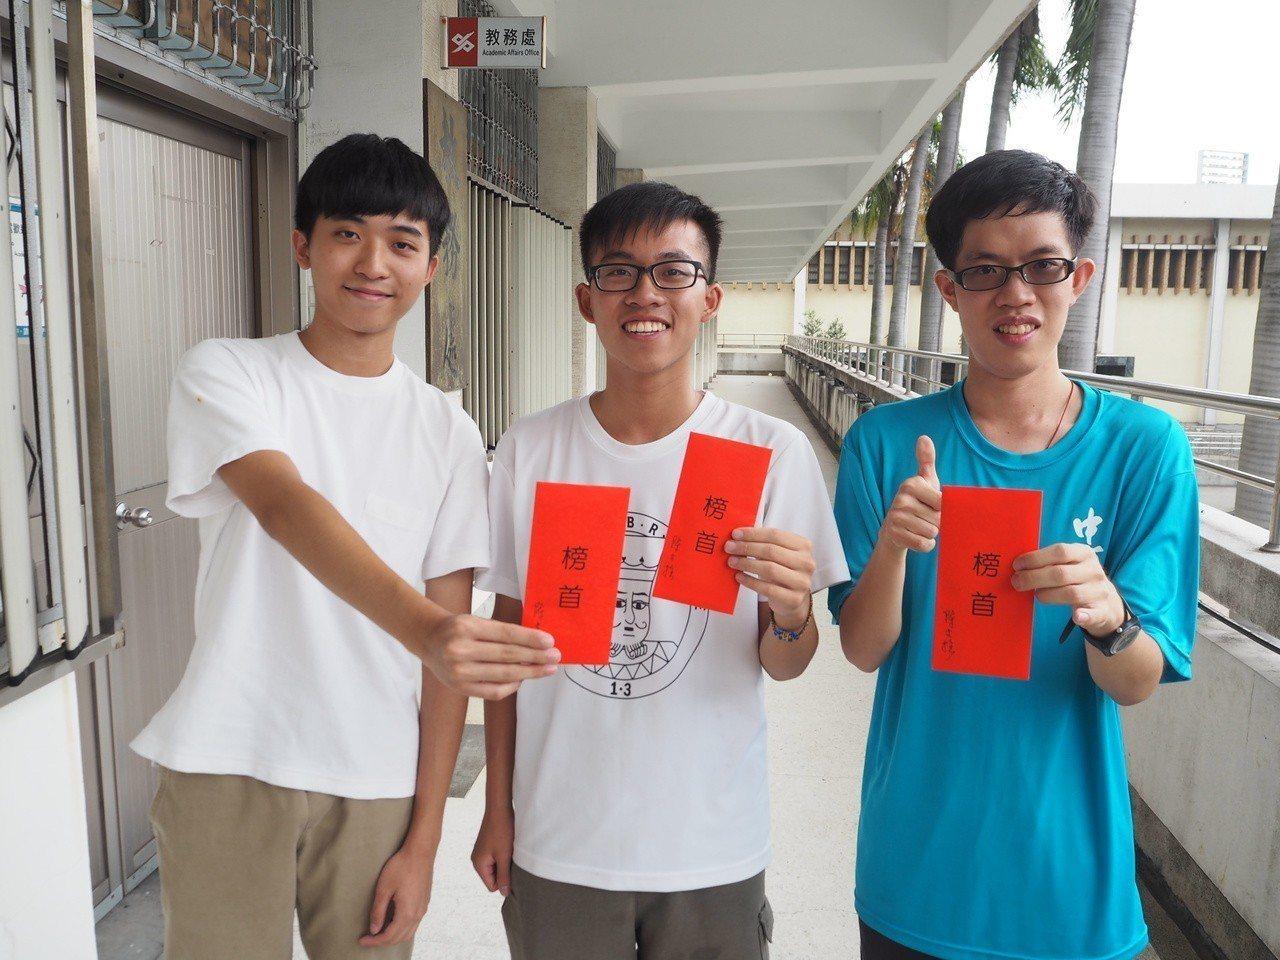 台中一中各類榜首考生,第一類組廖政華(左起)、吳秉儒、王韋翰。記者喻文玟/攝影